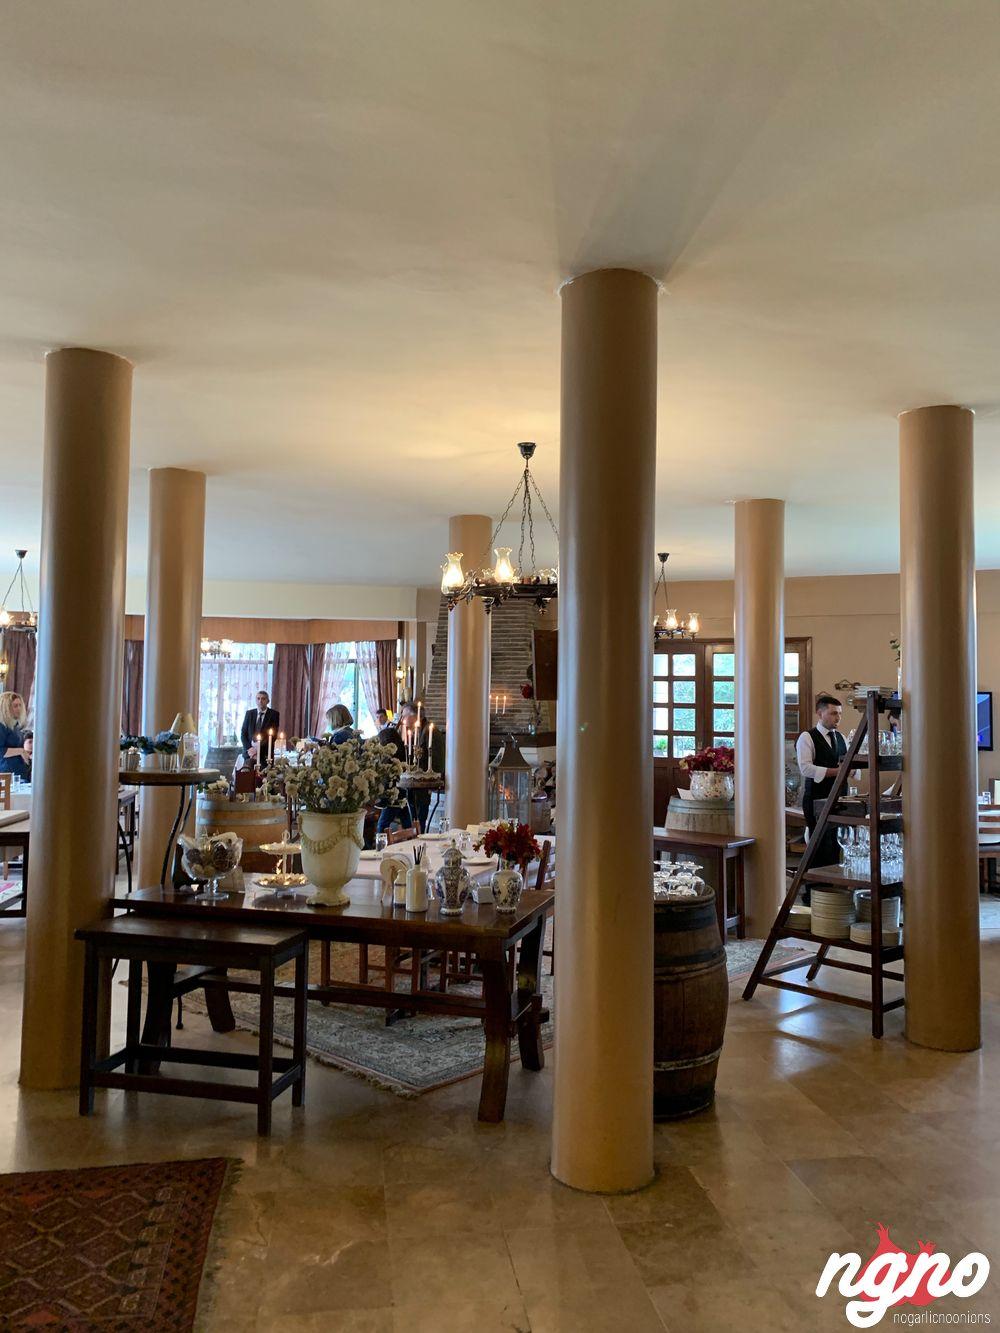 tallet-nasr-naas-restaurant-nogarlicnoonions-912019-03-22-09-22-39